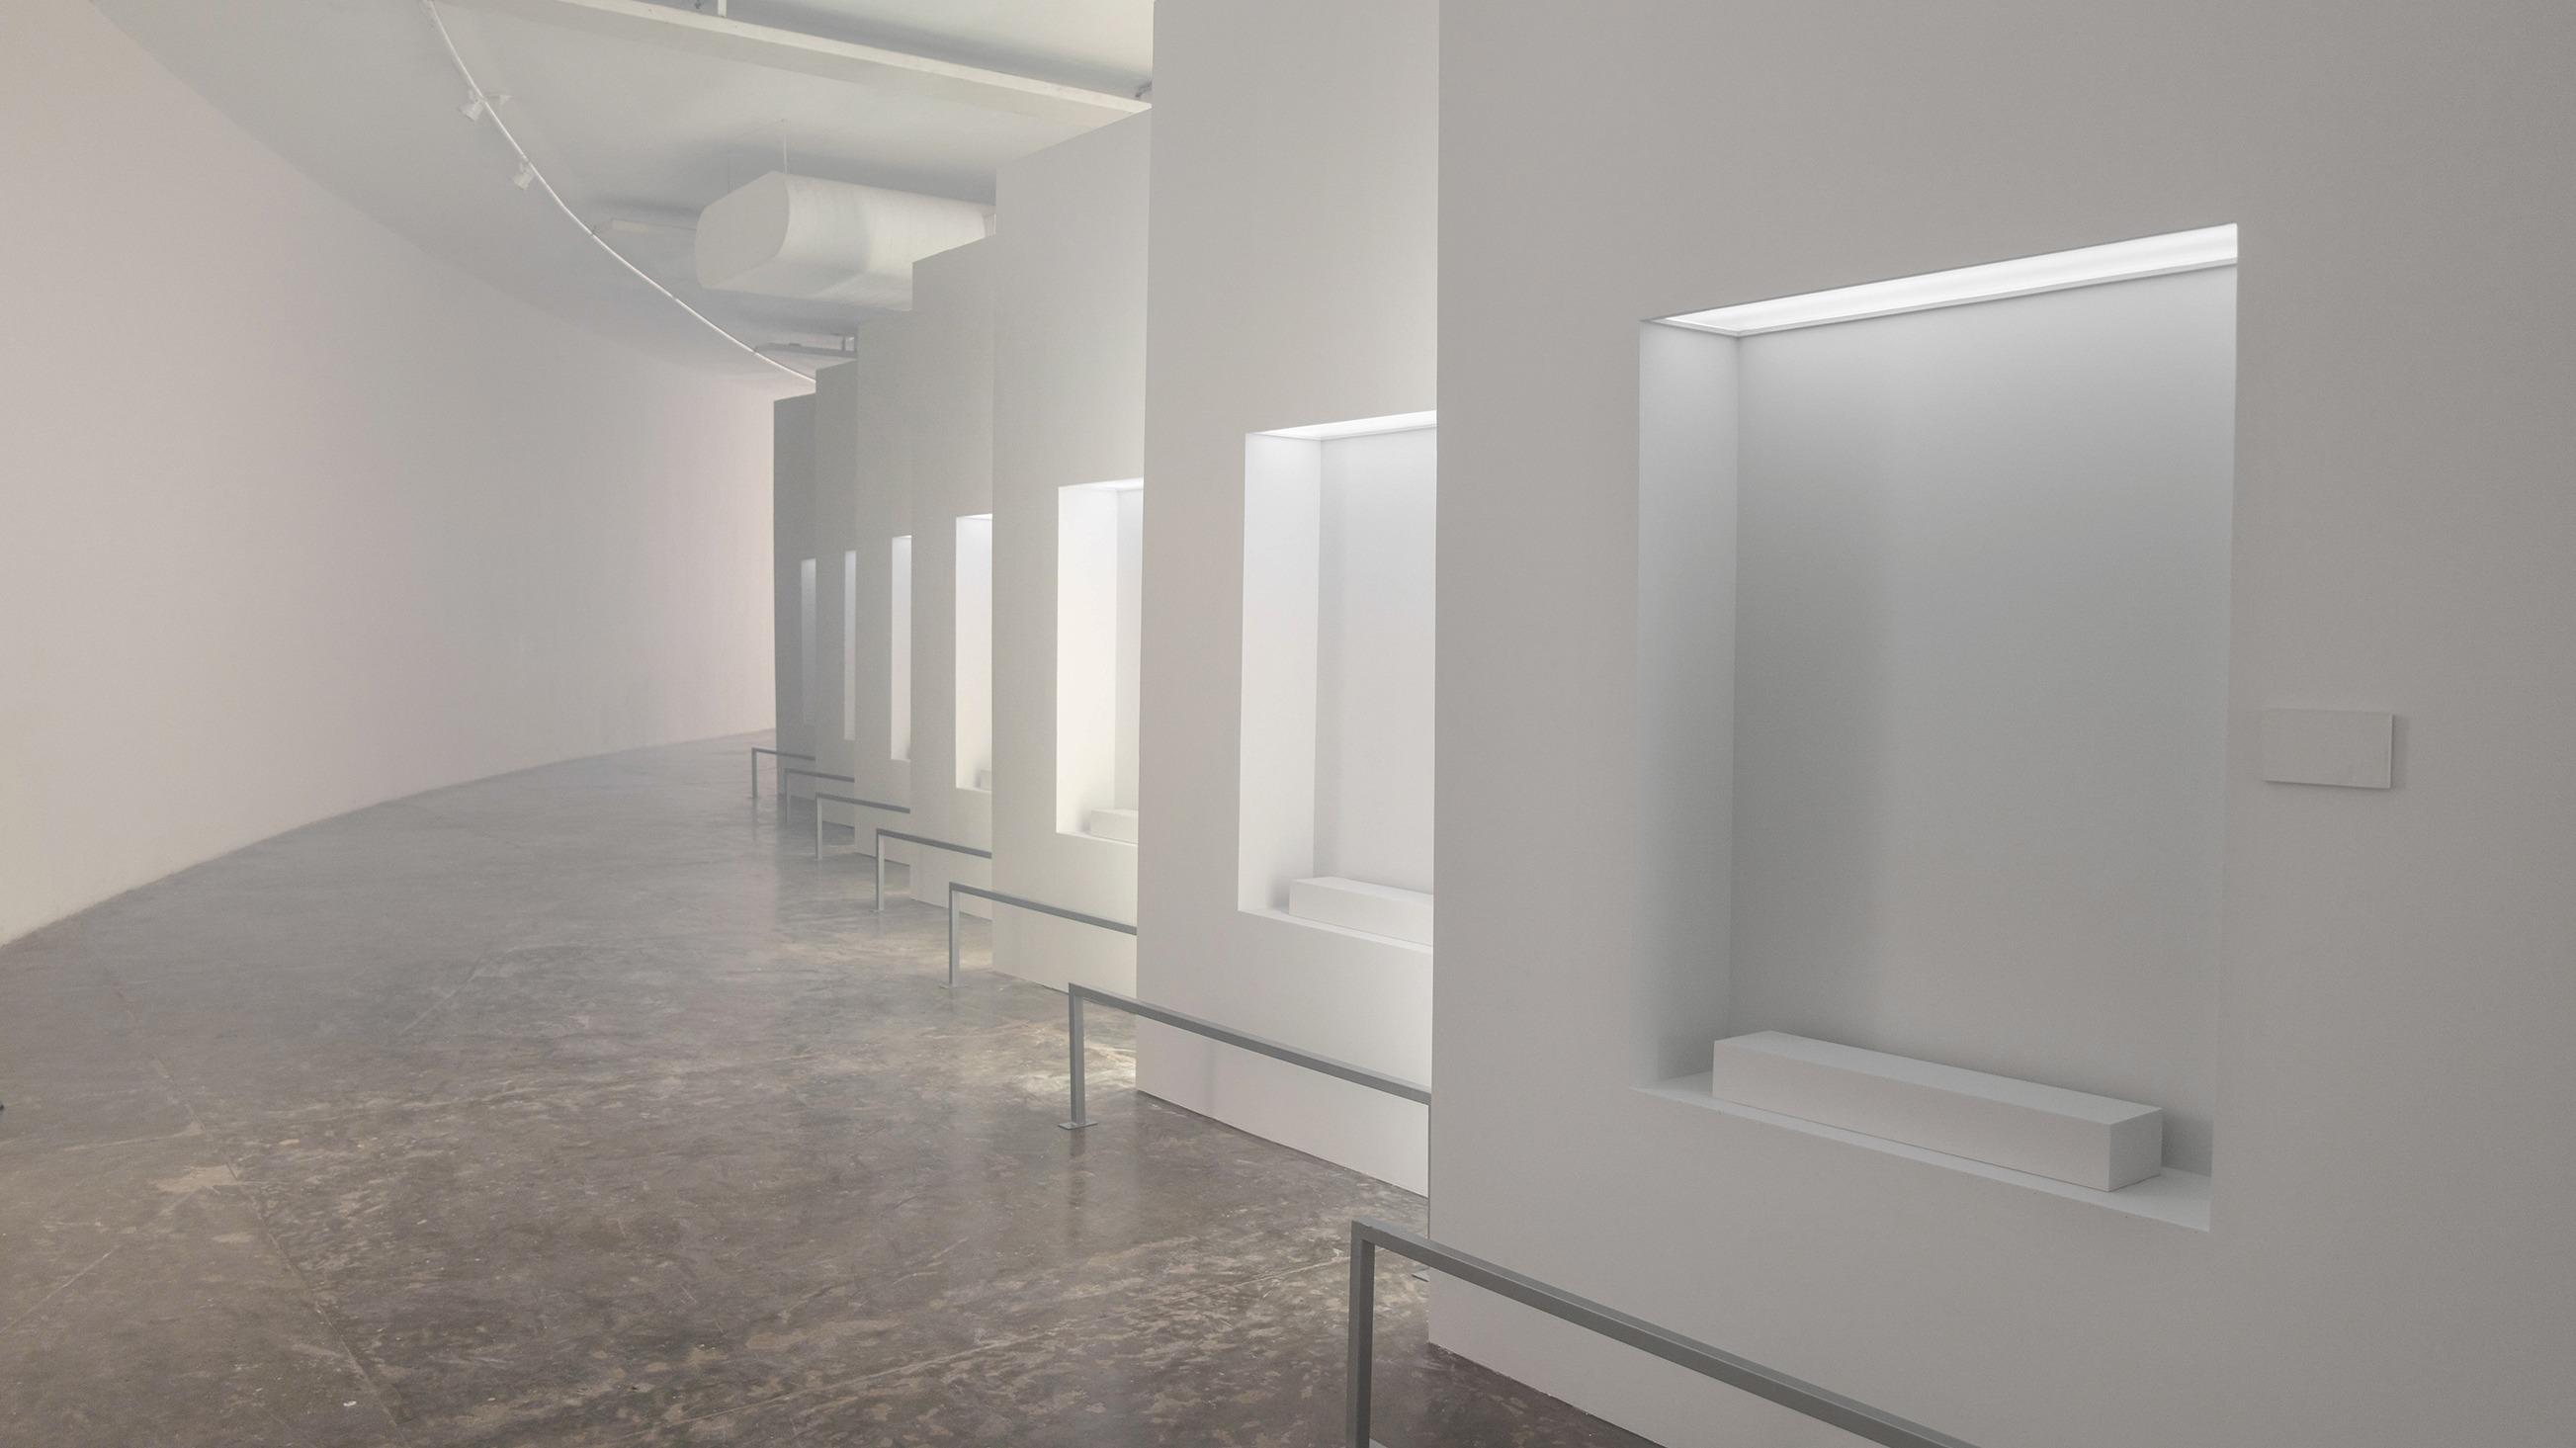 Google Arts & Culture: Offside Museum